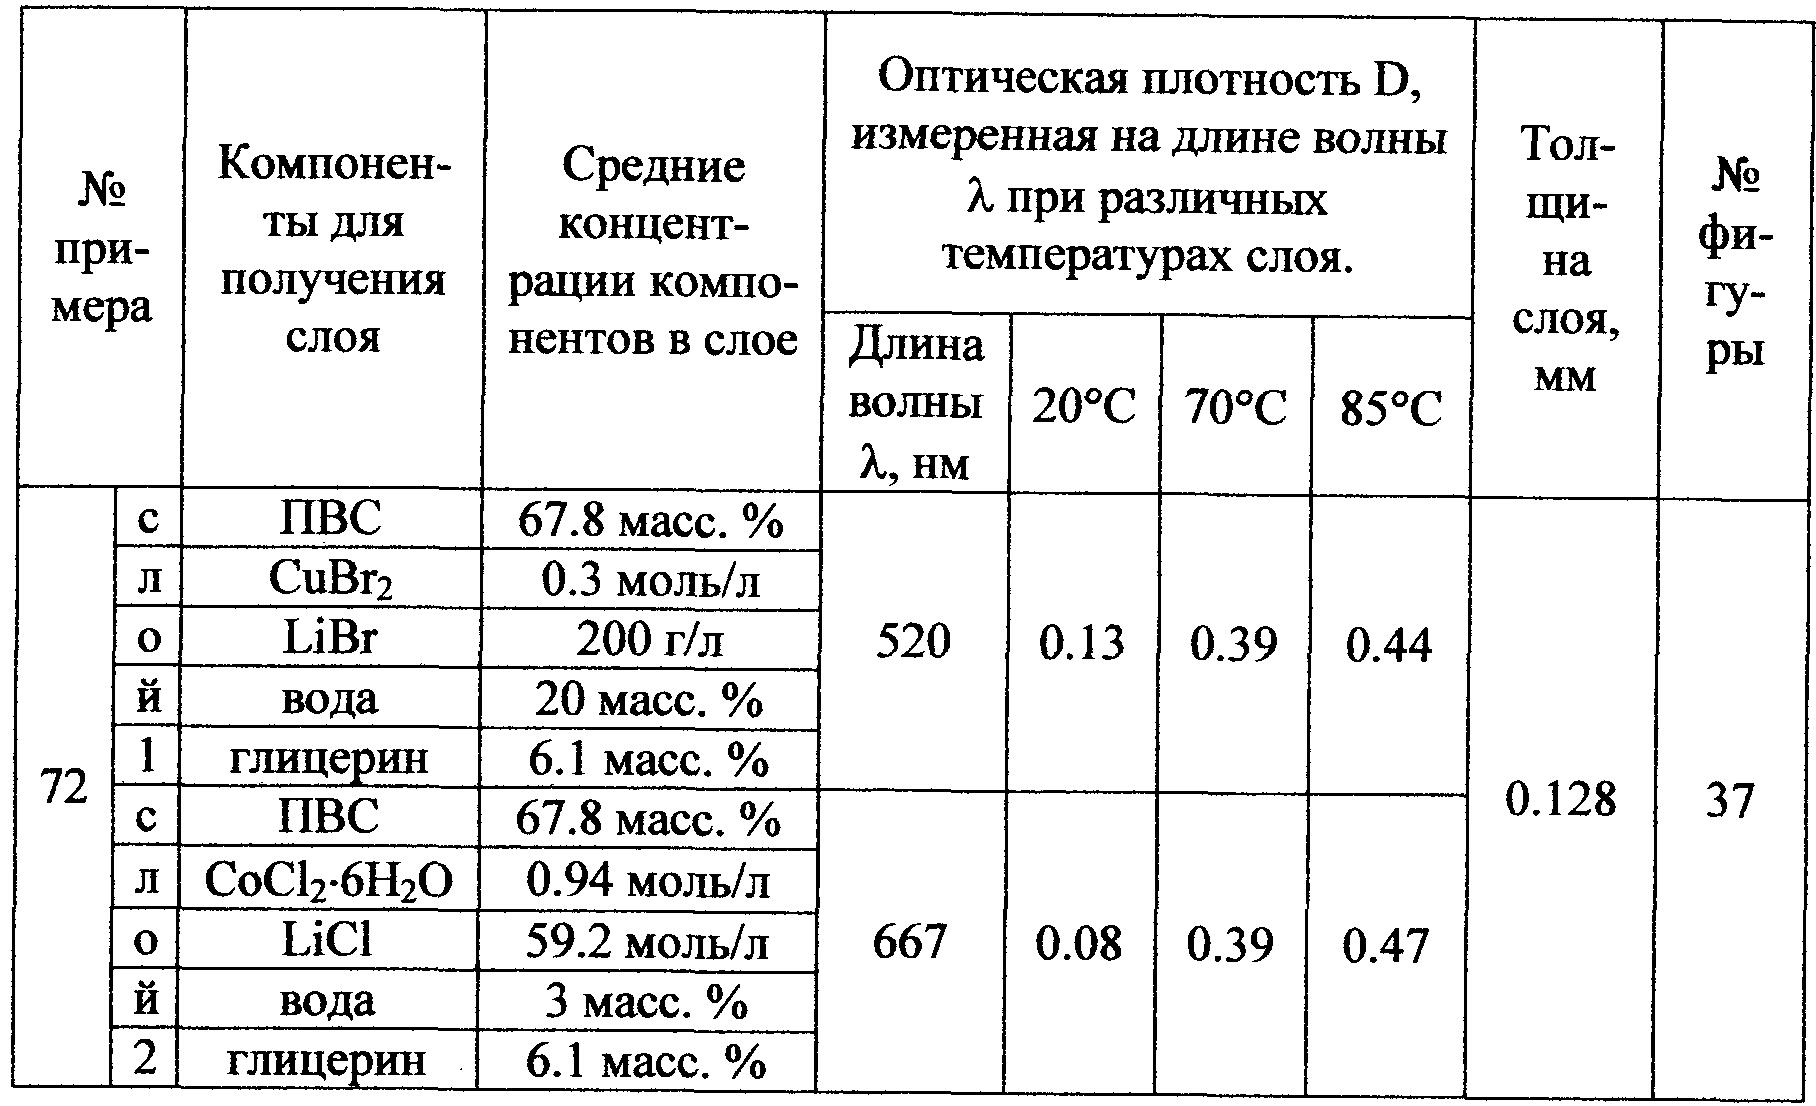 таблицы в курсовой